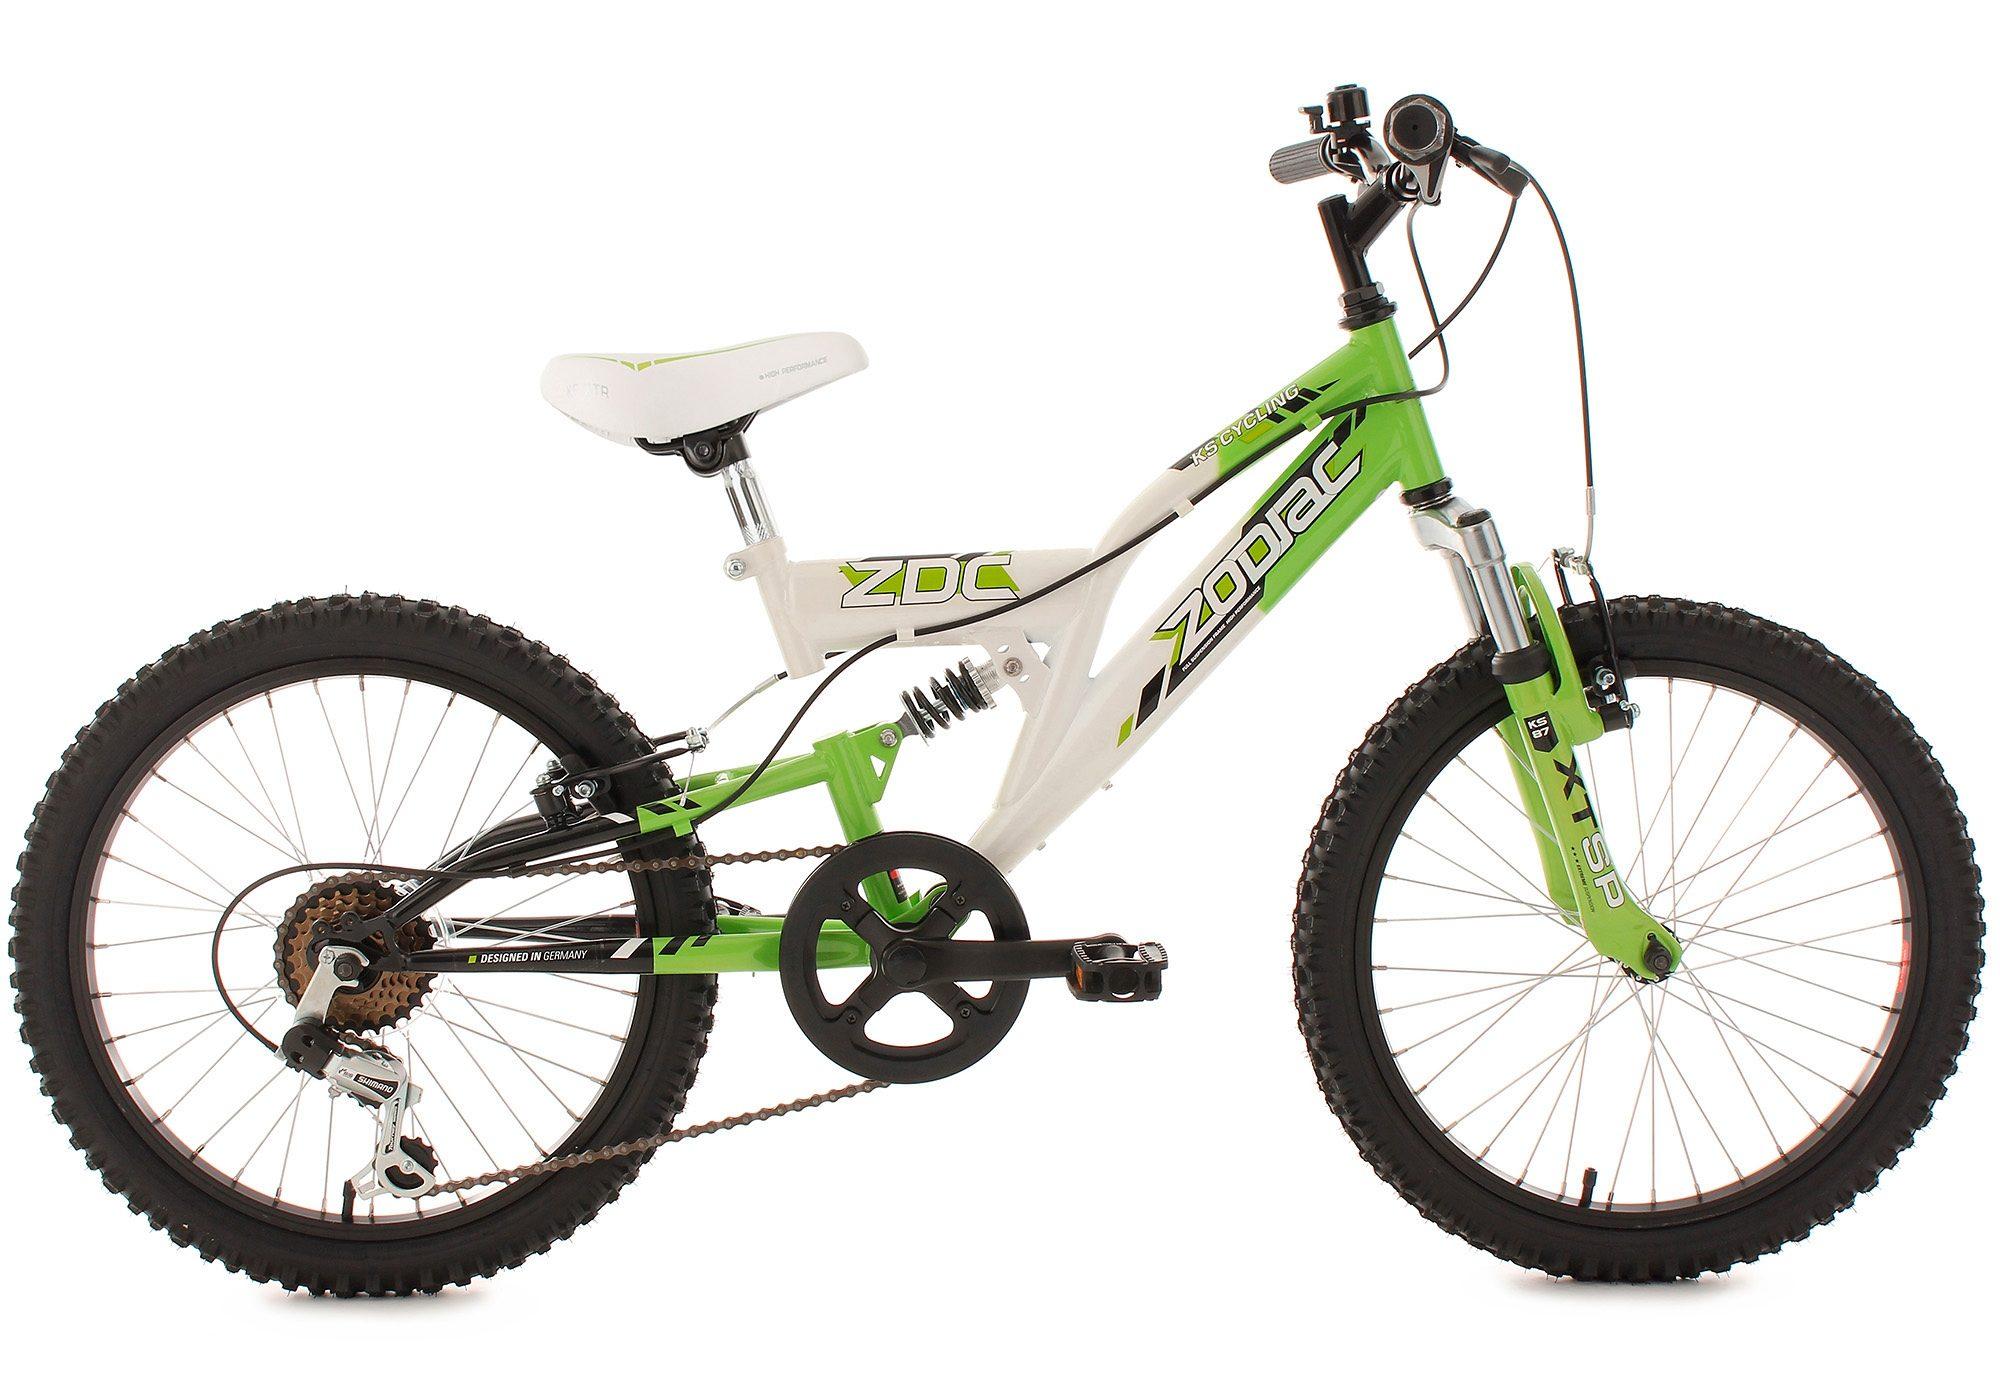 Jugend-Mountainbike, Fully, 20 Zoll, grün-weiß, 6-Gang-Kettenschaltung, »Zodiac«, KS Cycling